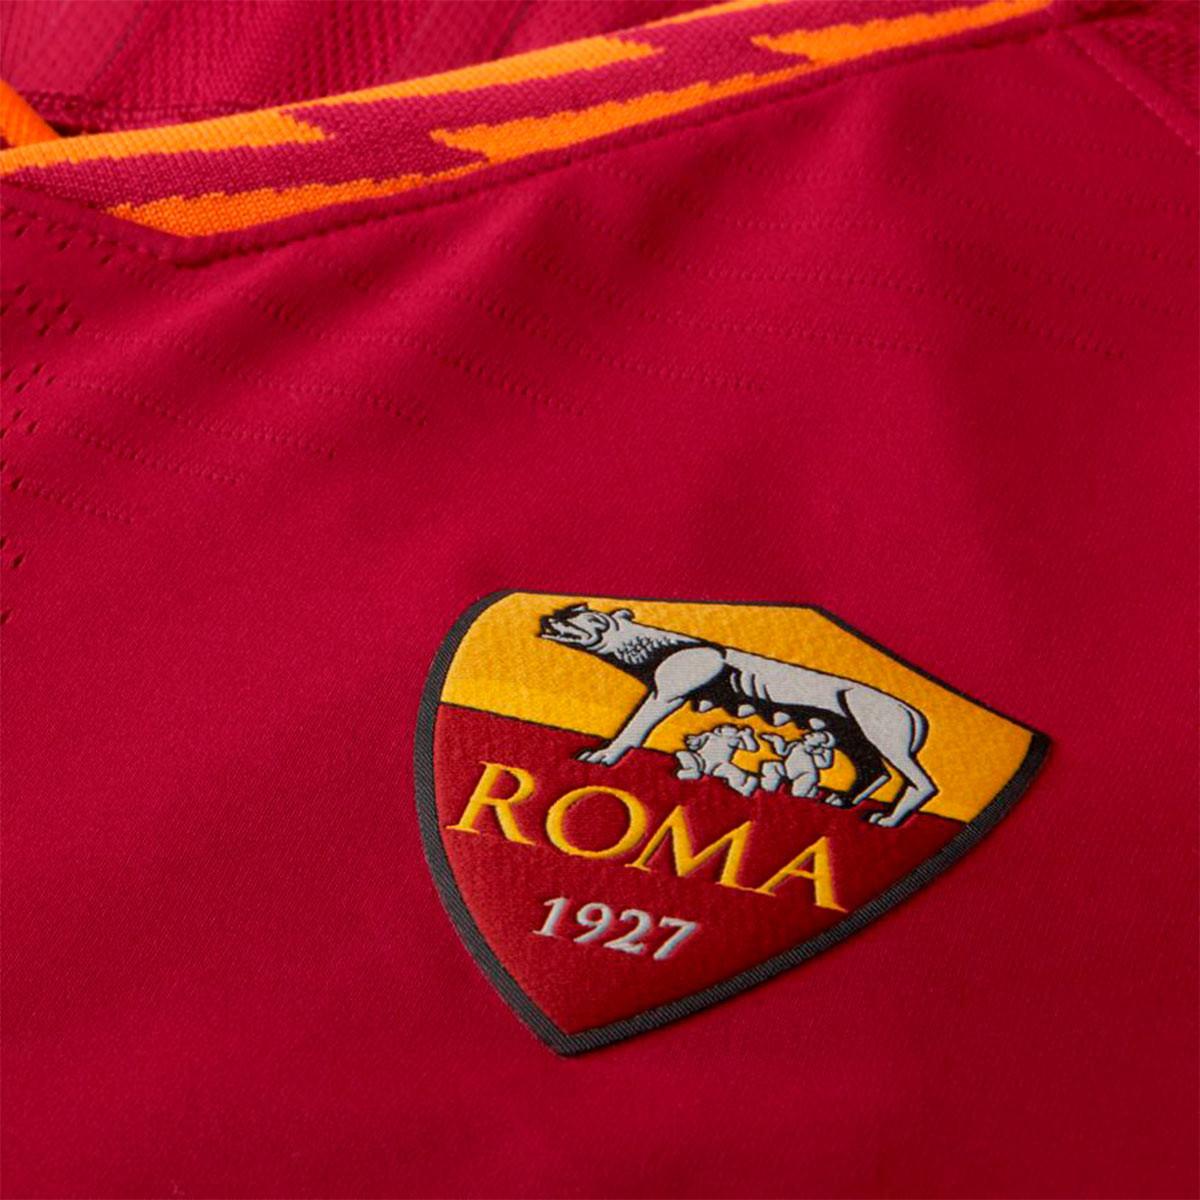 Vapor Ss Roma 2019 Match As 2020 Crimson University Equipación Gold Primera Camiseta Team g7yfvYb6